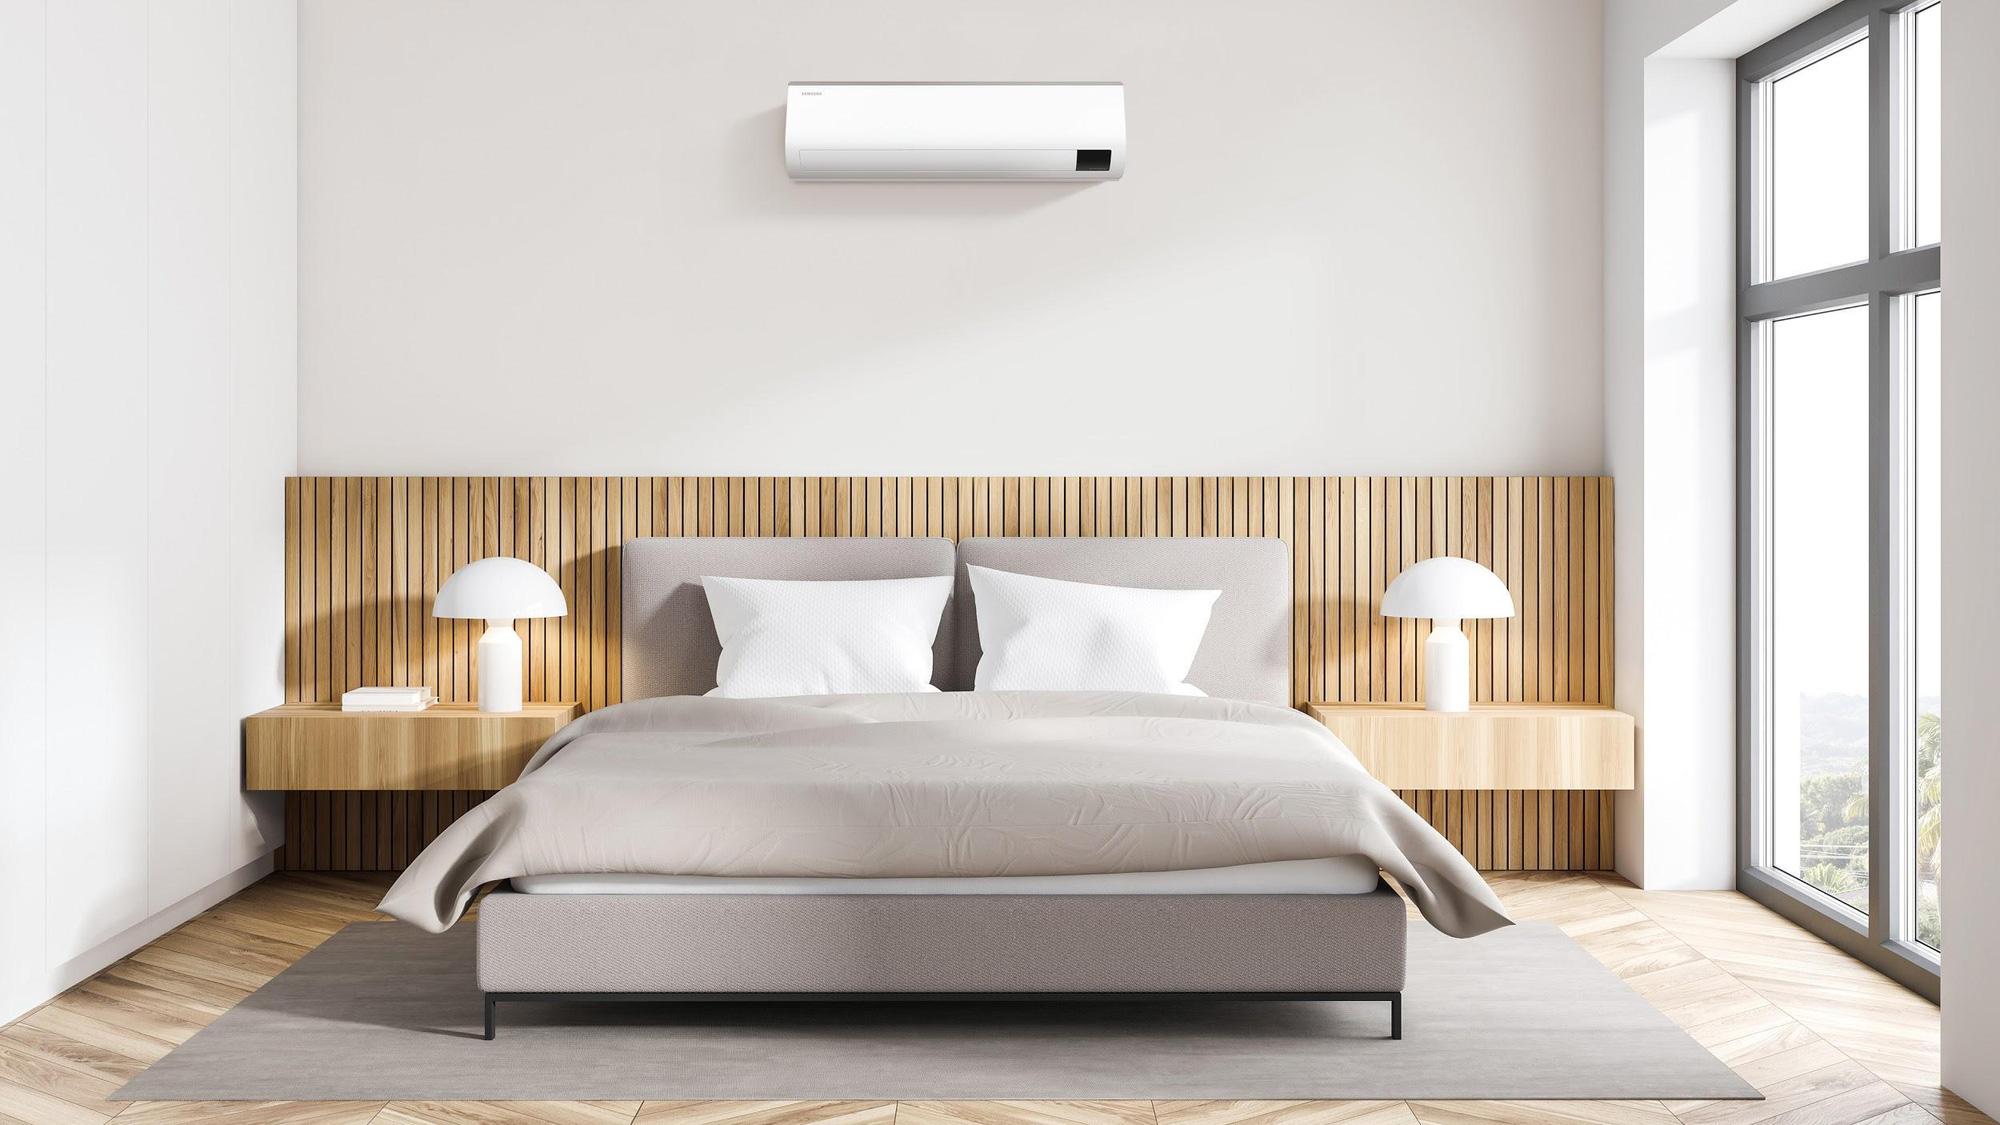 Đây là những cách đơn giản giúp bạn ngủ ngon một mạch đến sáng trong ngày hè nóng nực - Ảnh 4.